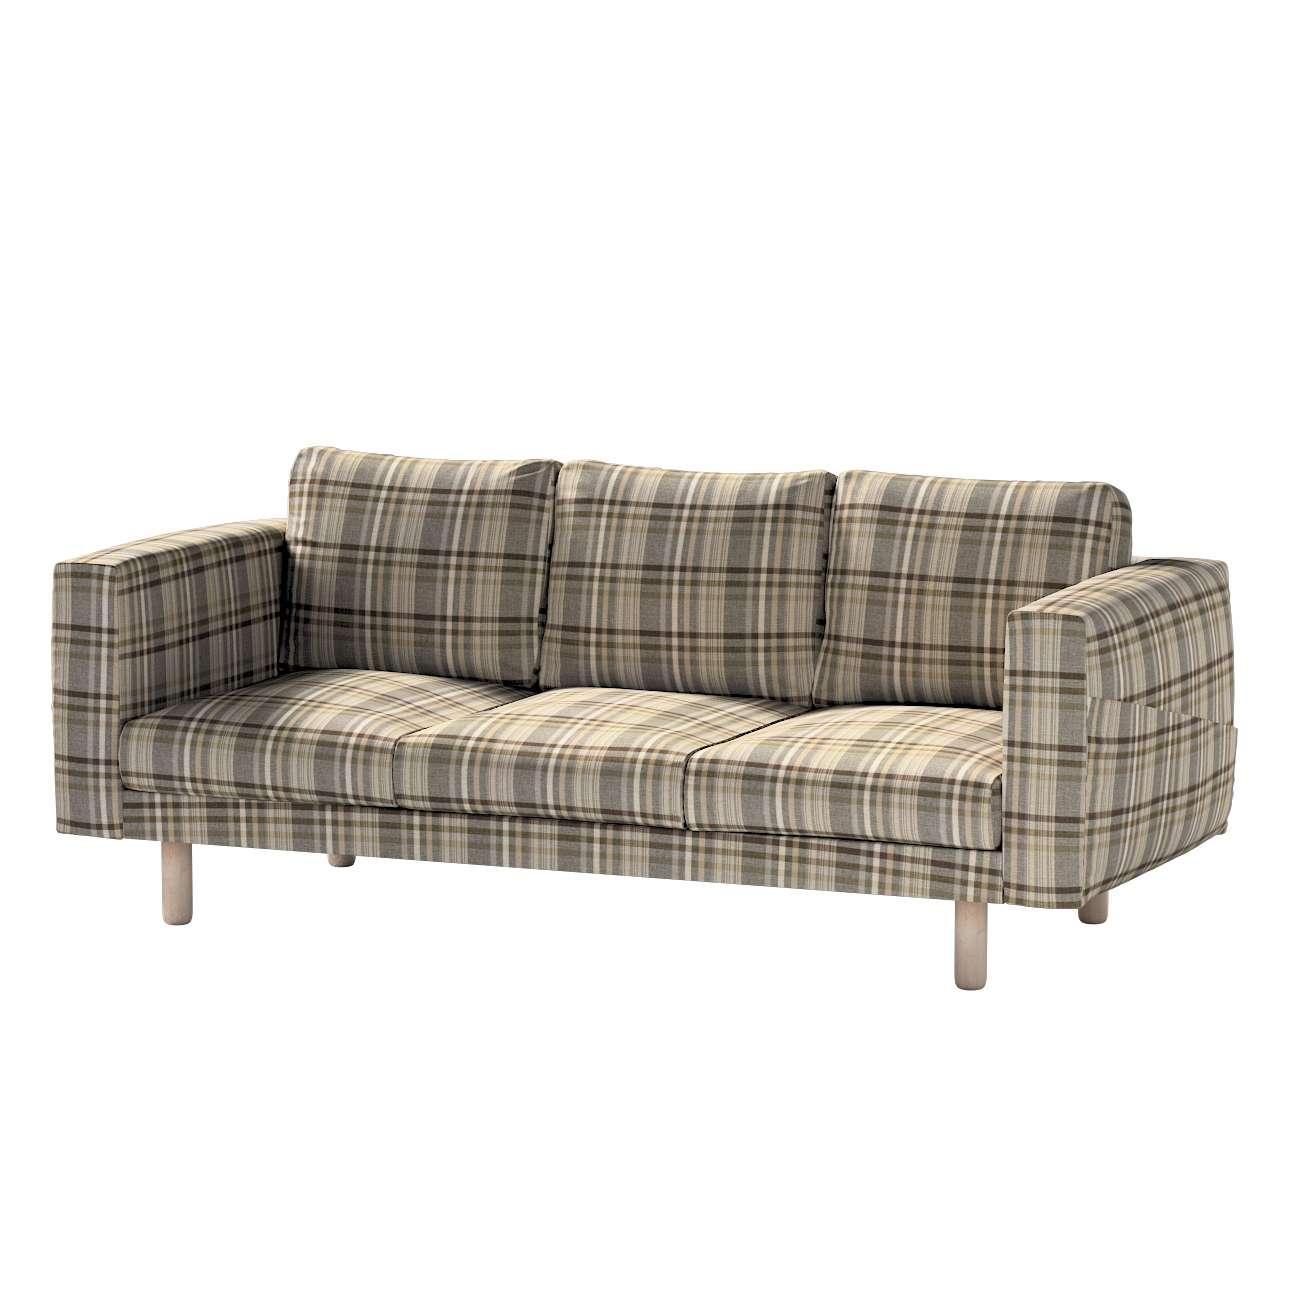 Pokrowiec na sofę Norsborg 3-osobową w kolekcji Edinburgh, tkanina: 703-17